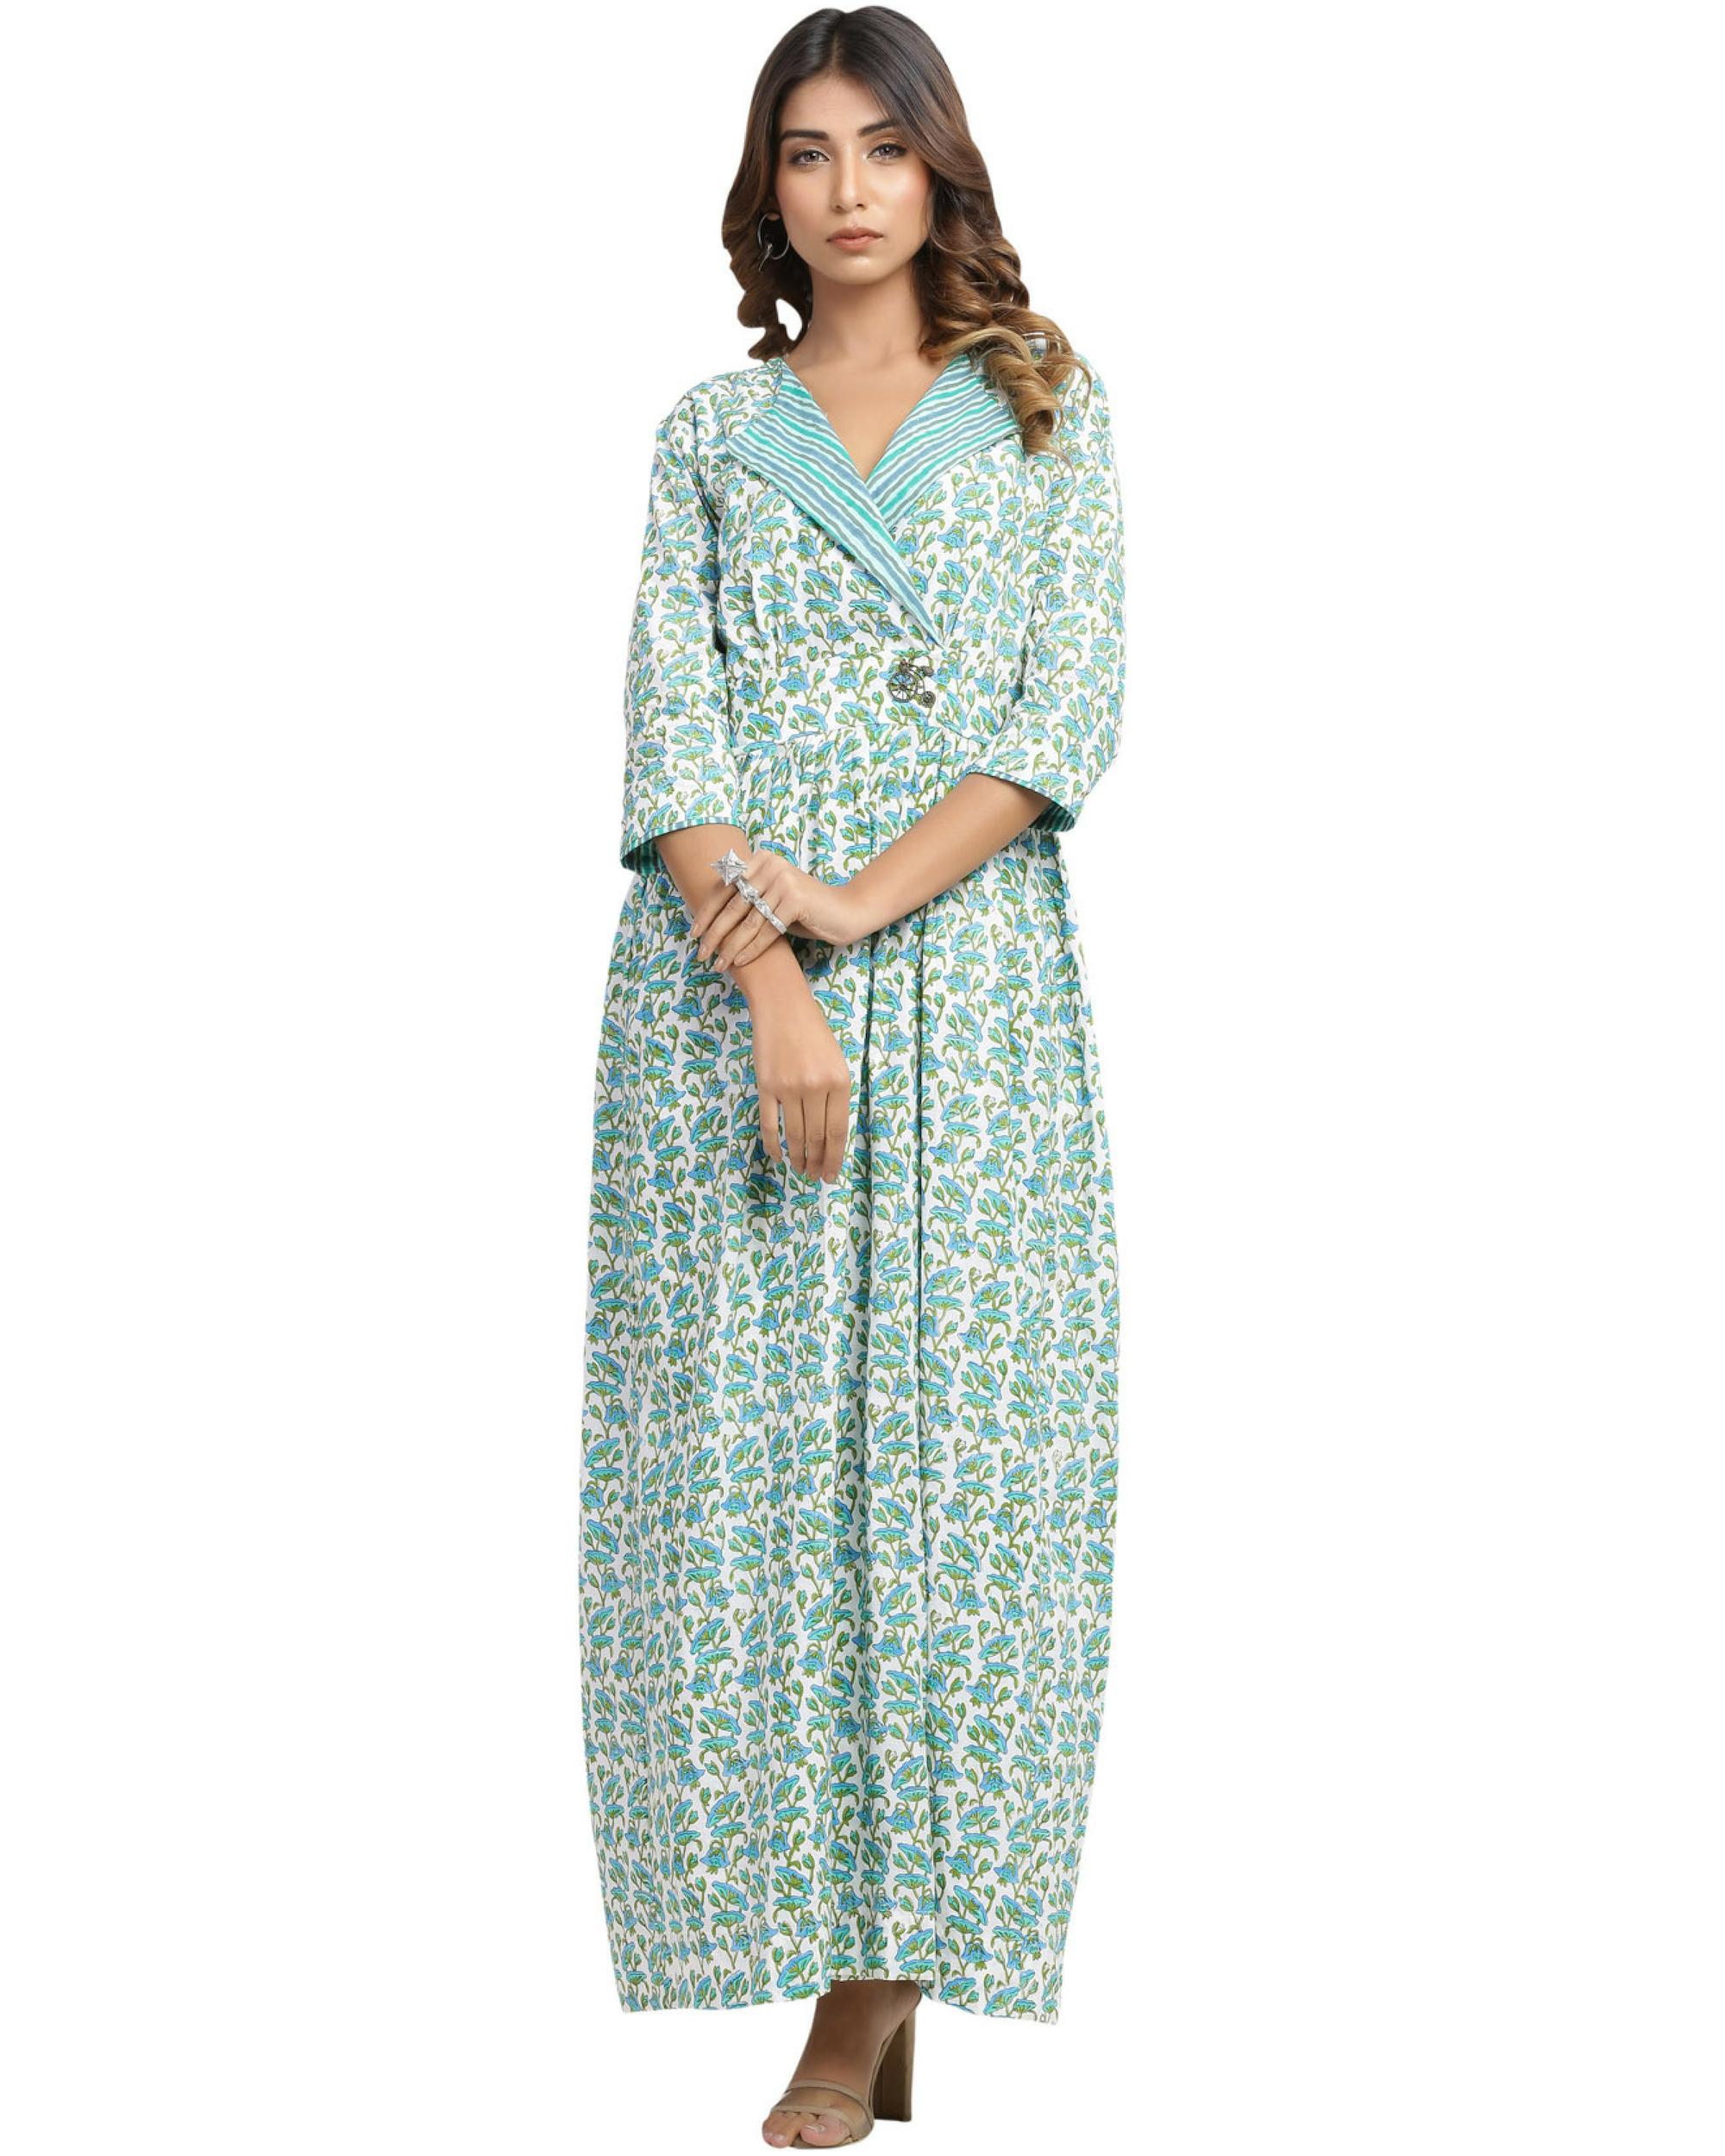 Umbrella maxi dress